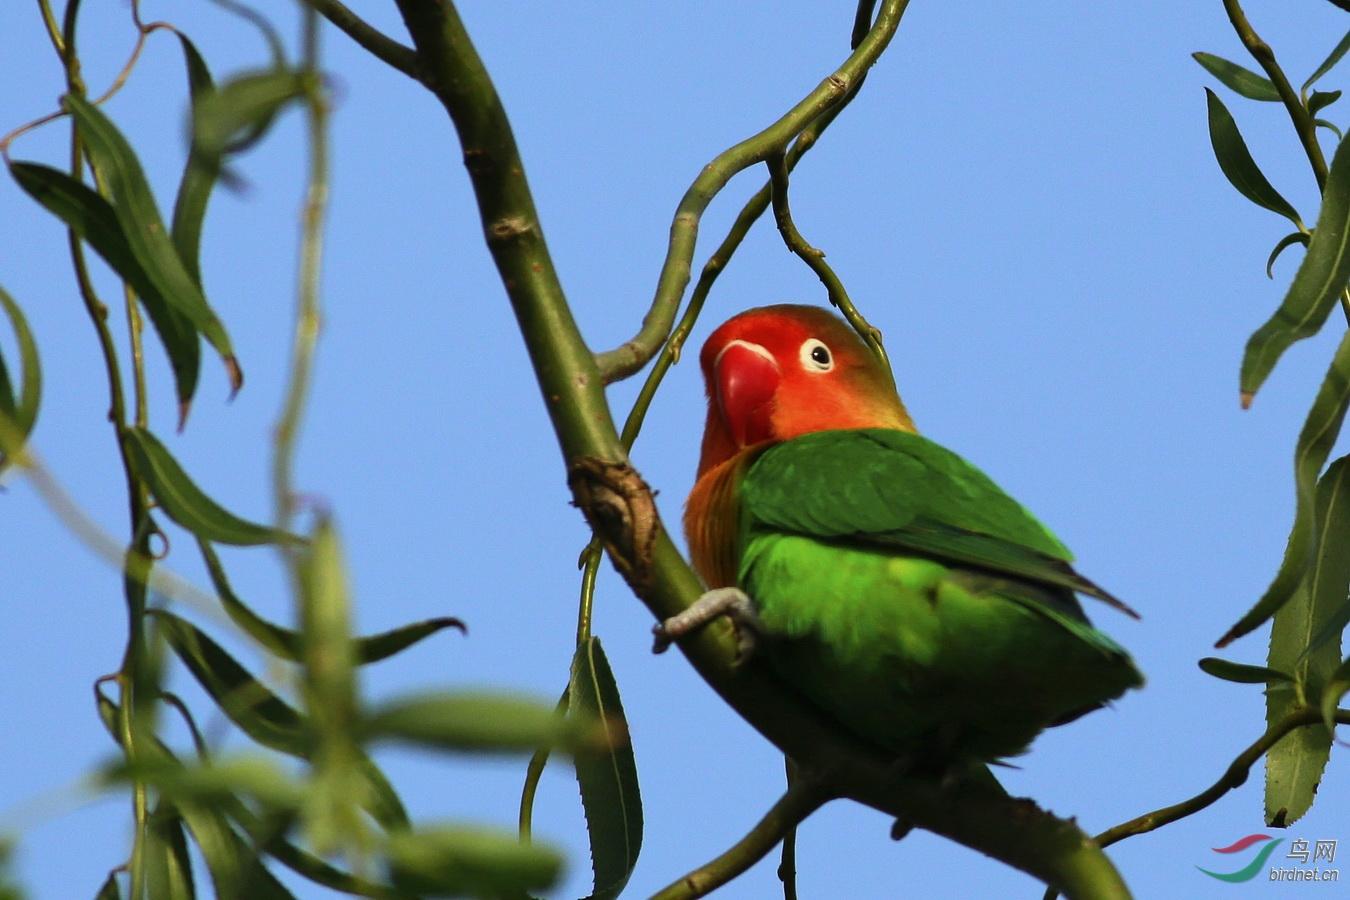 红嘴绿鹦哥 - 三门峡生态 鸟网